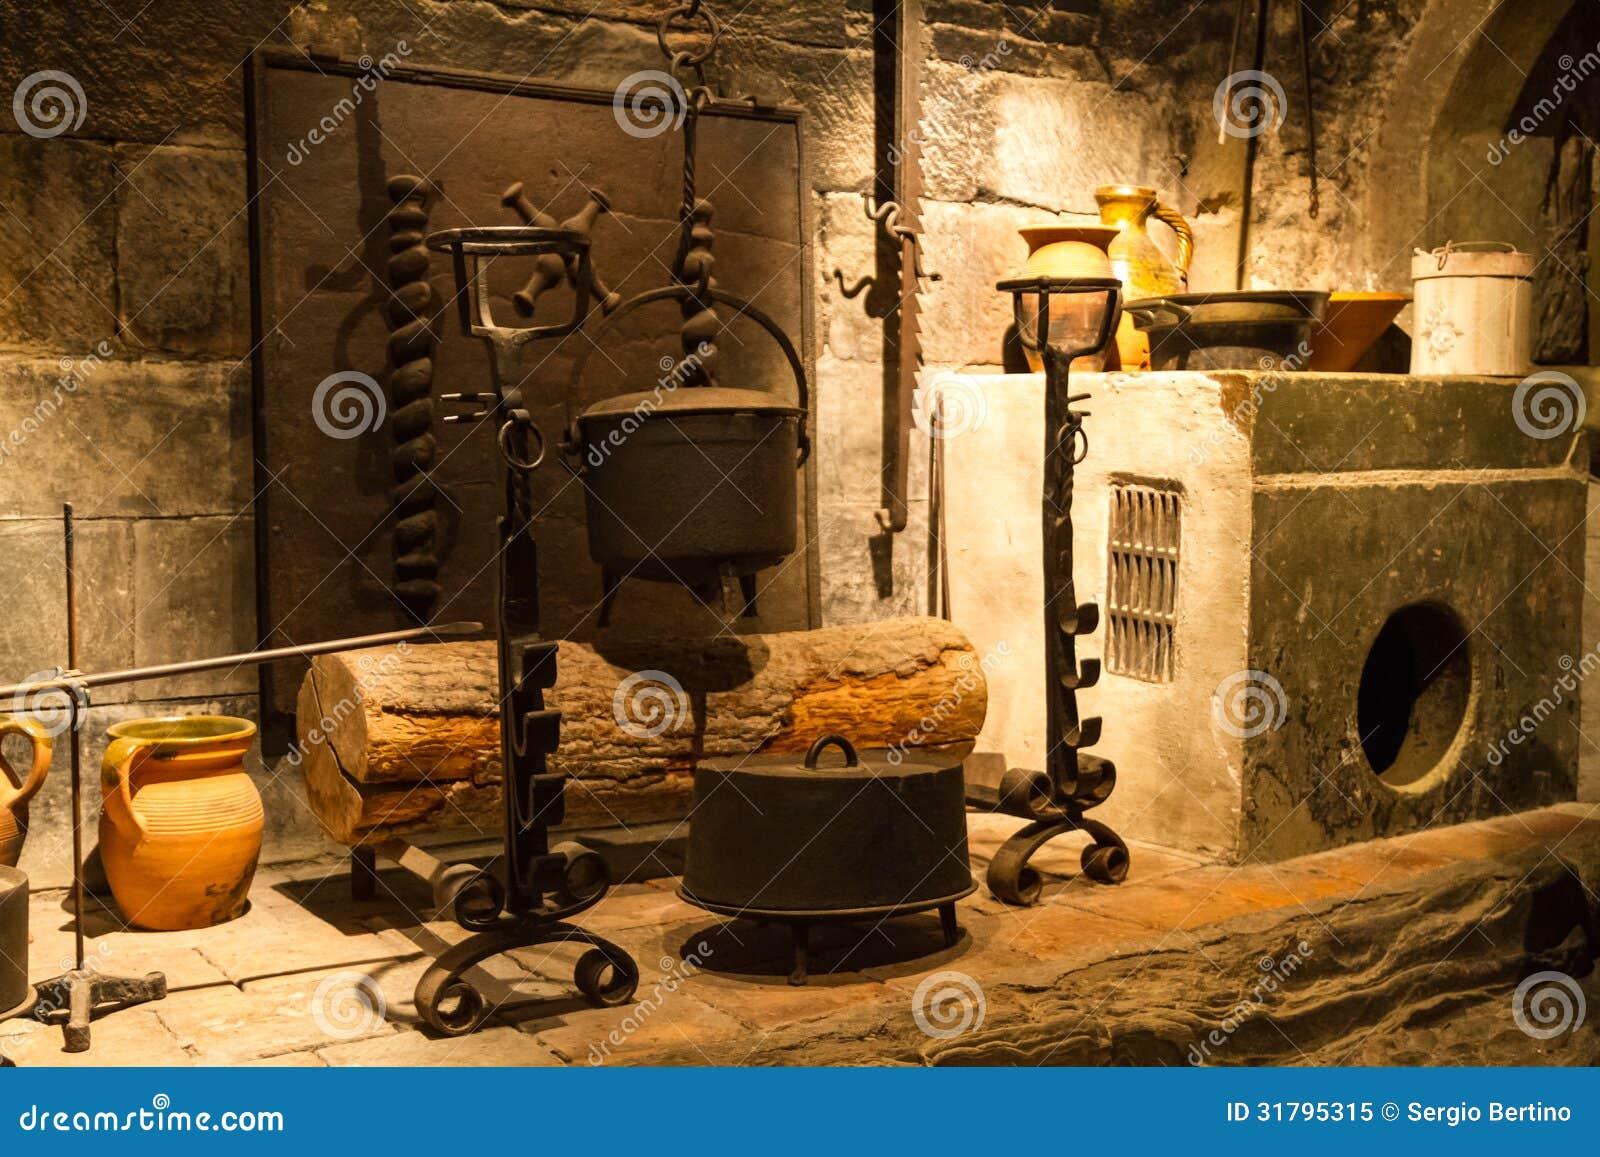 Vecchia Cucina Del Castello Immagine Stock - Immagine di ...